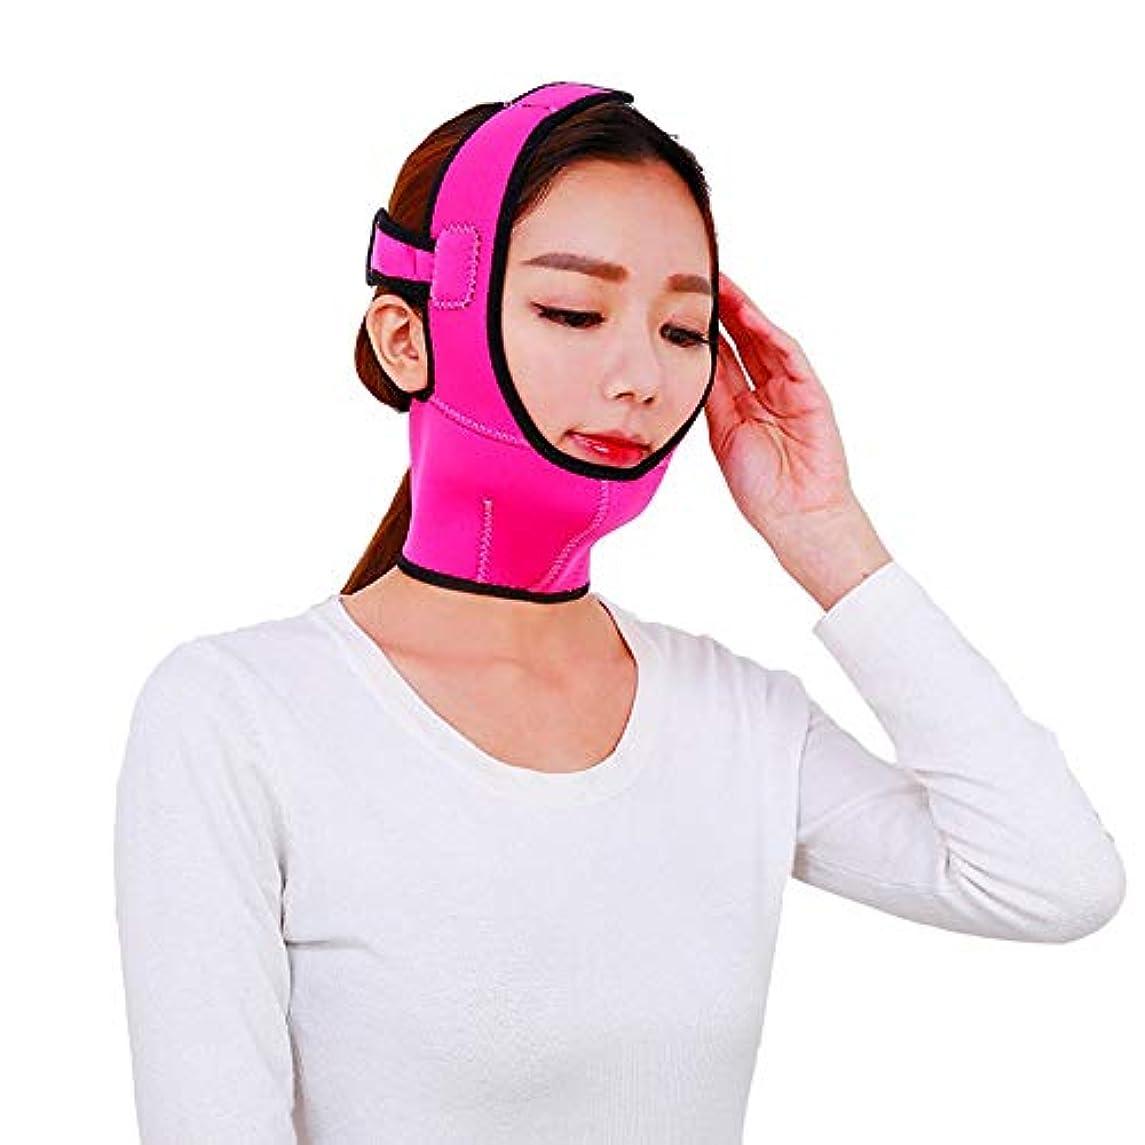 明示的に先史時代の松明顔を持ち上げるベルト通気性の顔面リフティング包帯ダブルチン顔面リフティングマスクを締めるV顔面顔面リフレッシングツール